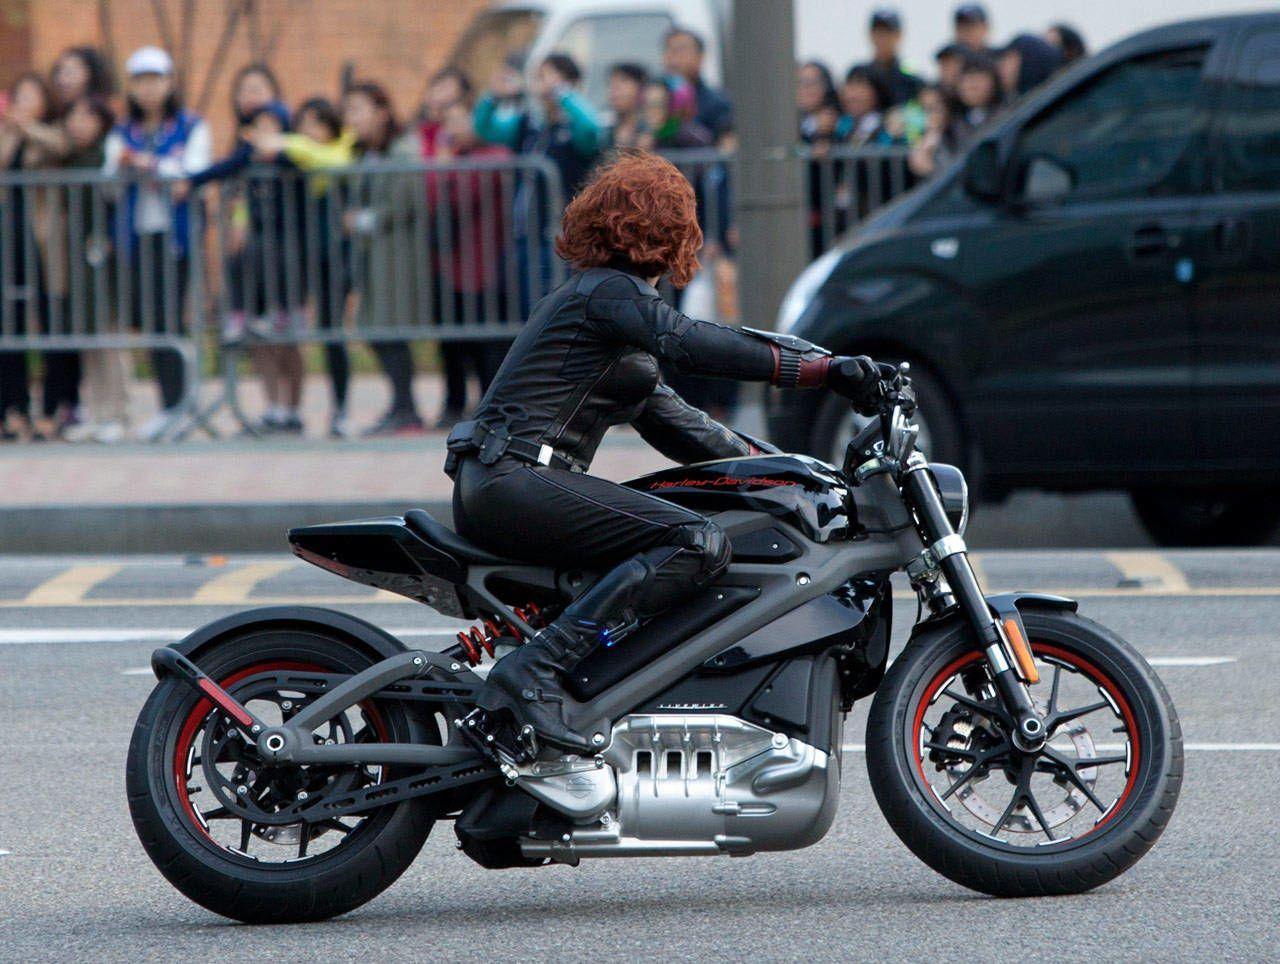 Scarlett Johansson Trades Vette For Electric Harley Davidson In Avengers 2 Harley Davidson Posters Harley Davidson Electric Motorcycle Harley Davidson Bikes